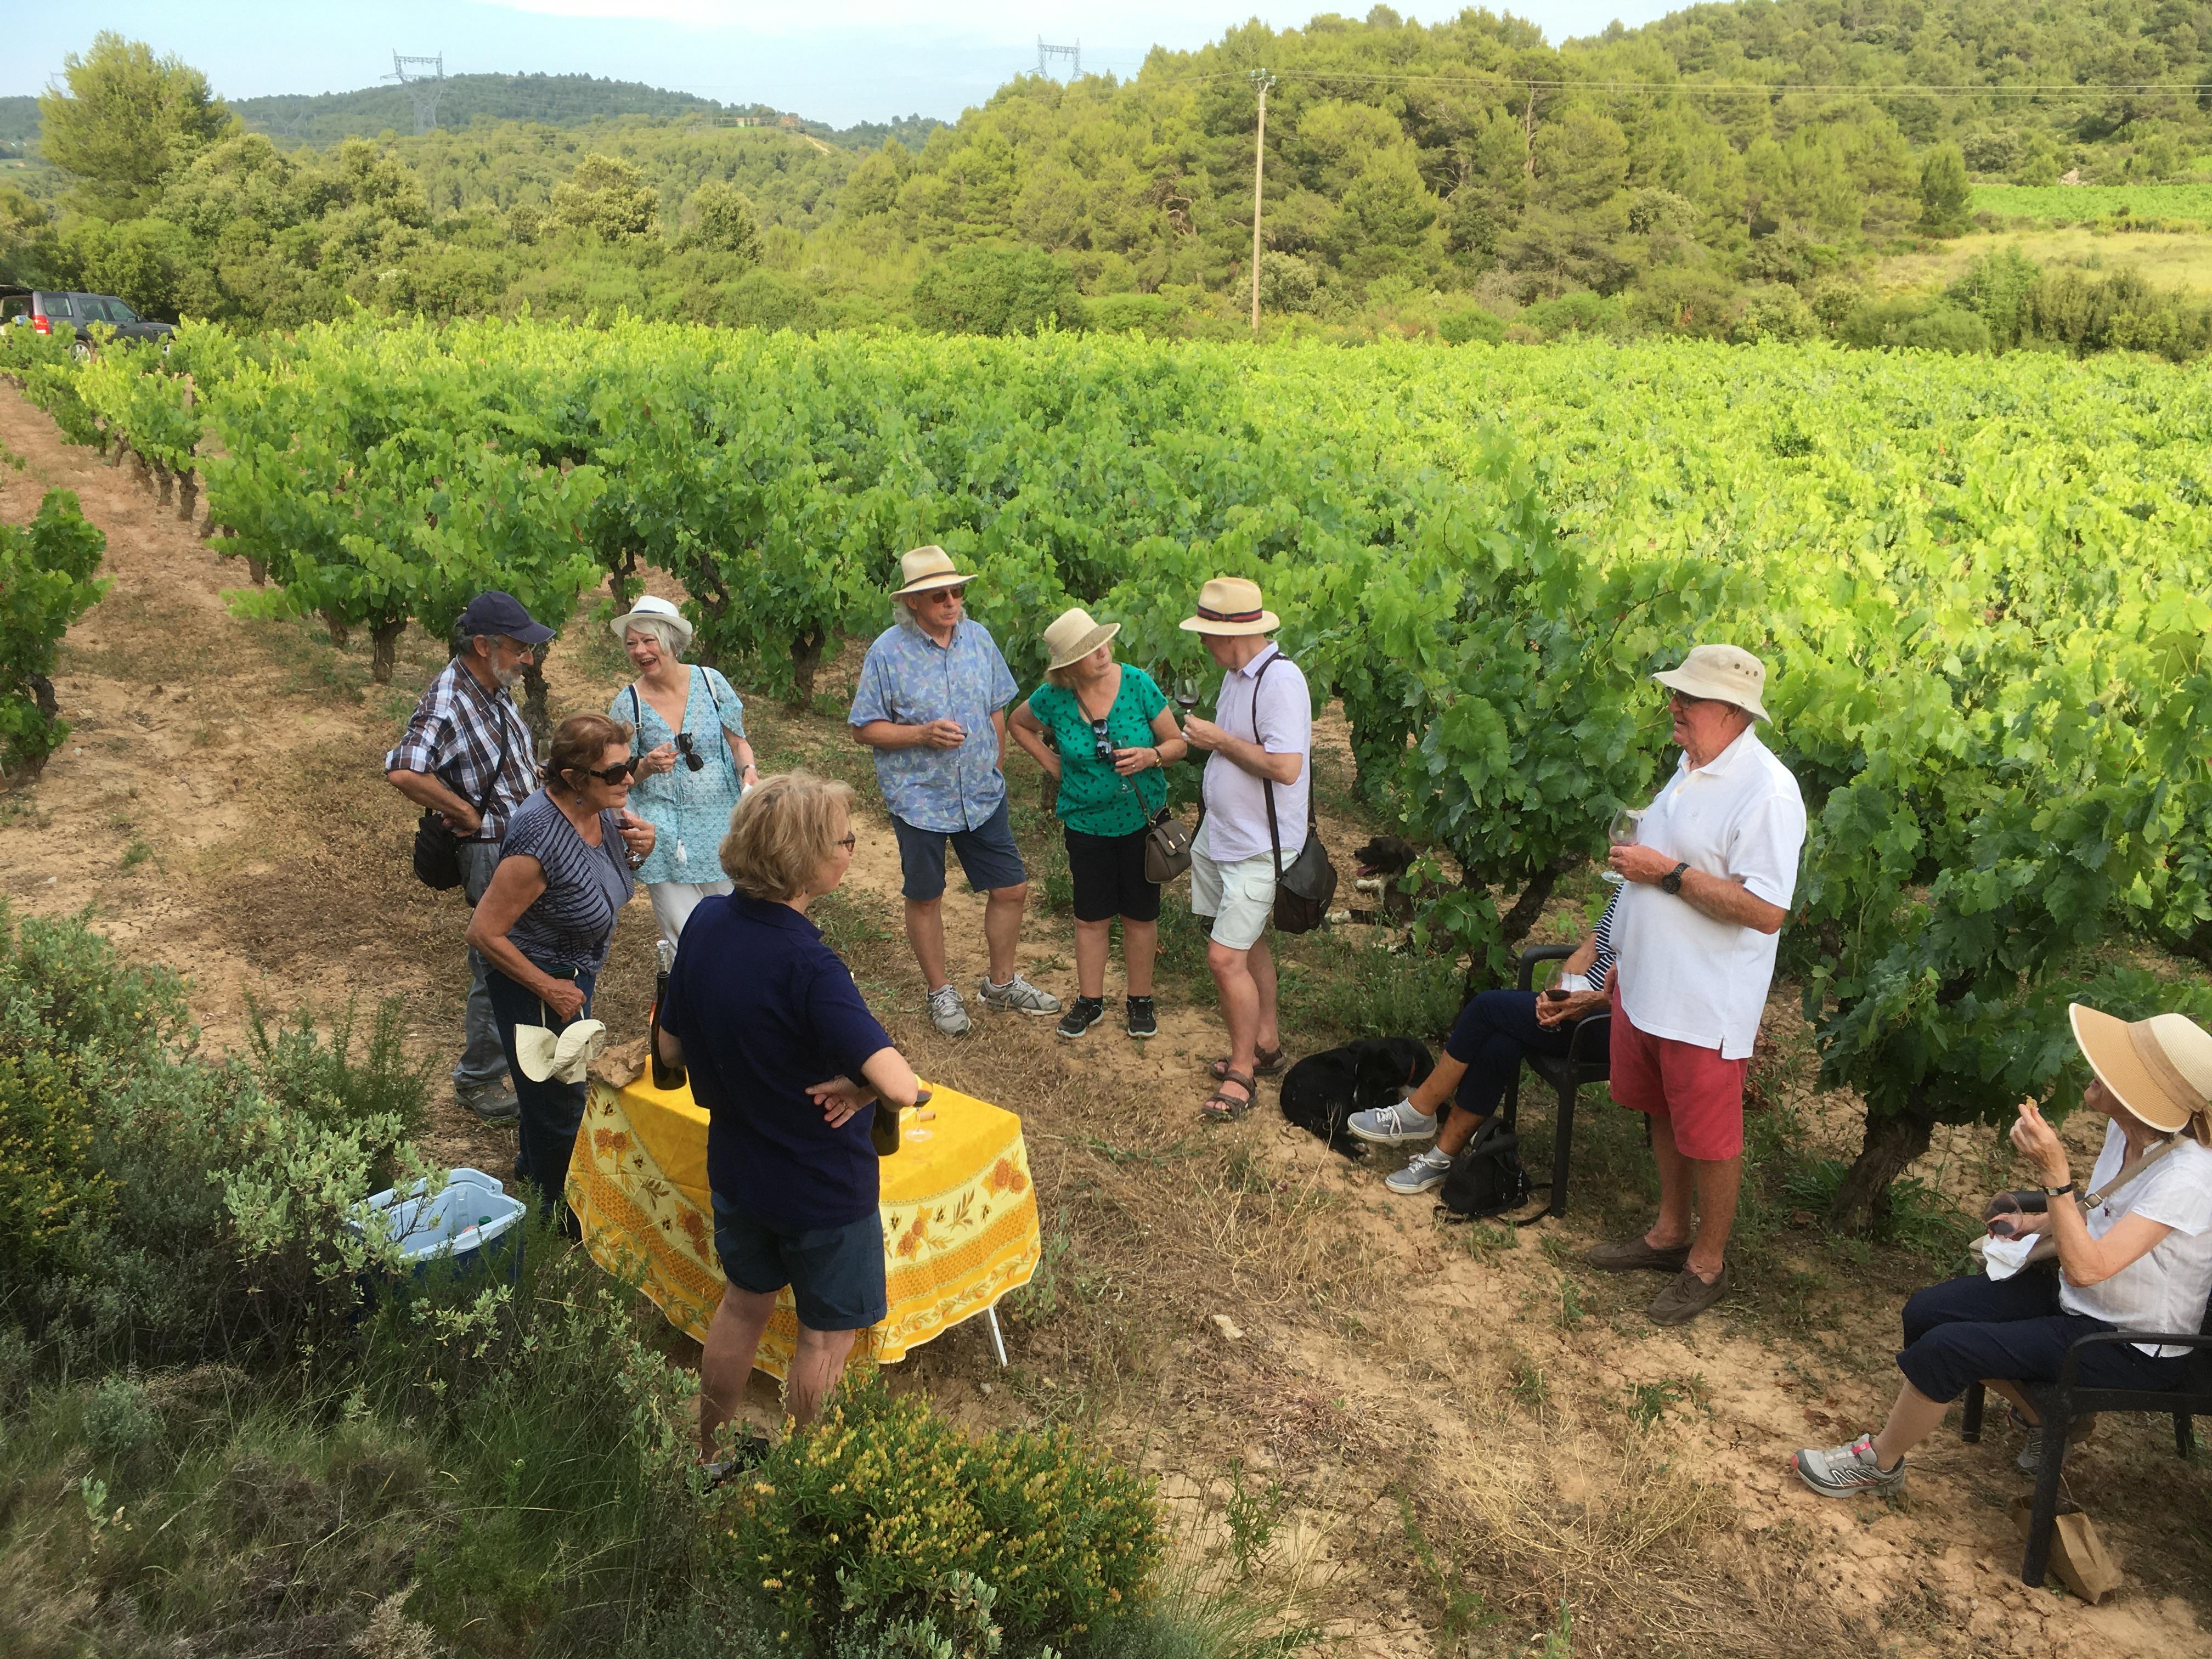 vineyard tour and wine tasting in Carignan vineyard